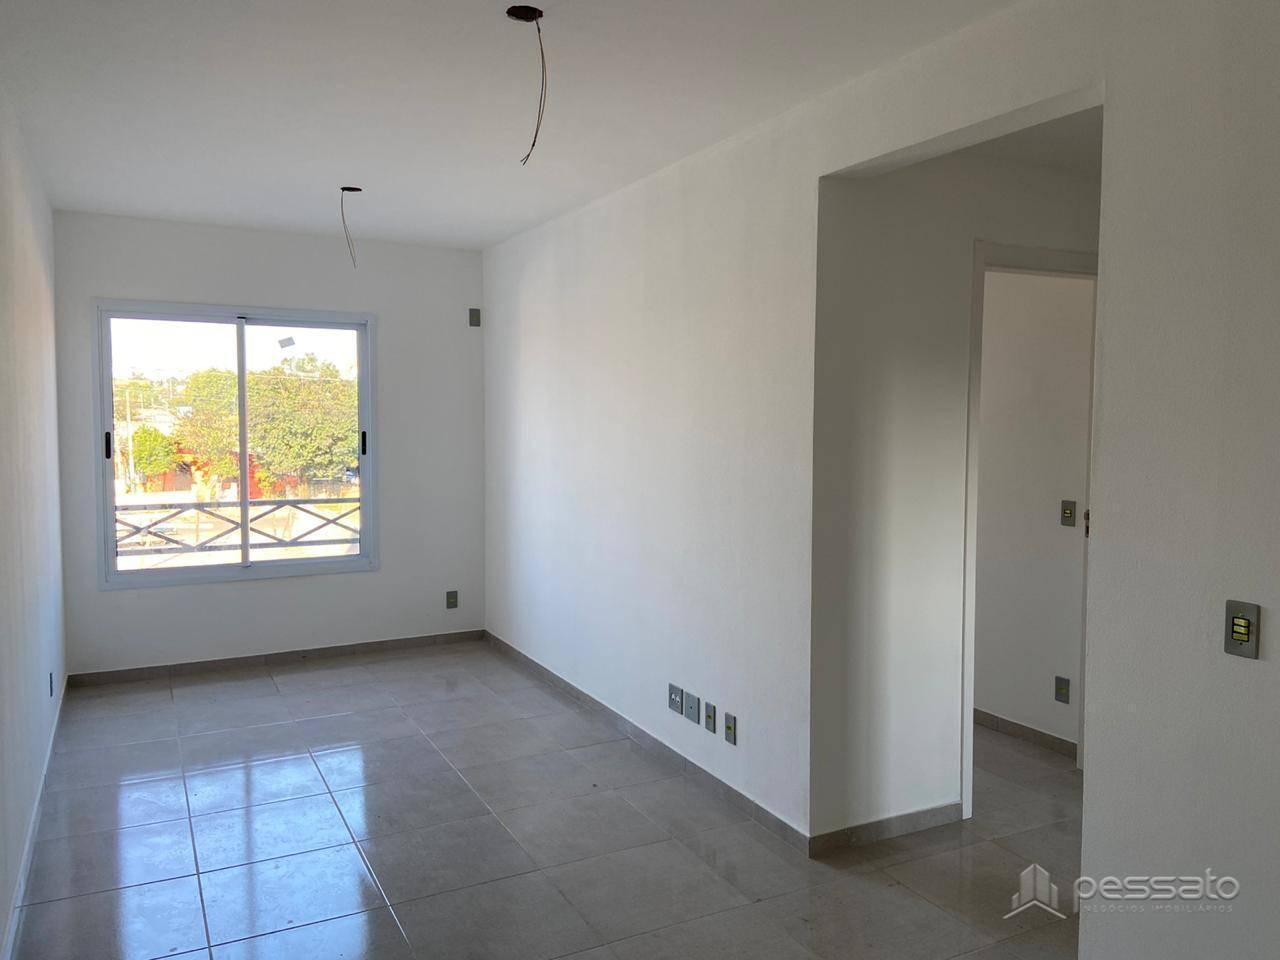 apartamento 2 dormitórios em Gravataí, no bairro São Vicente